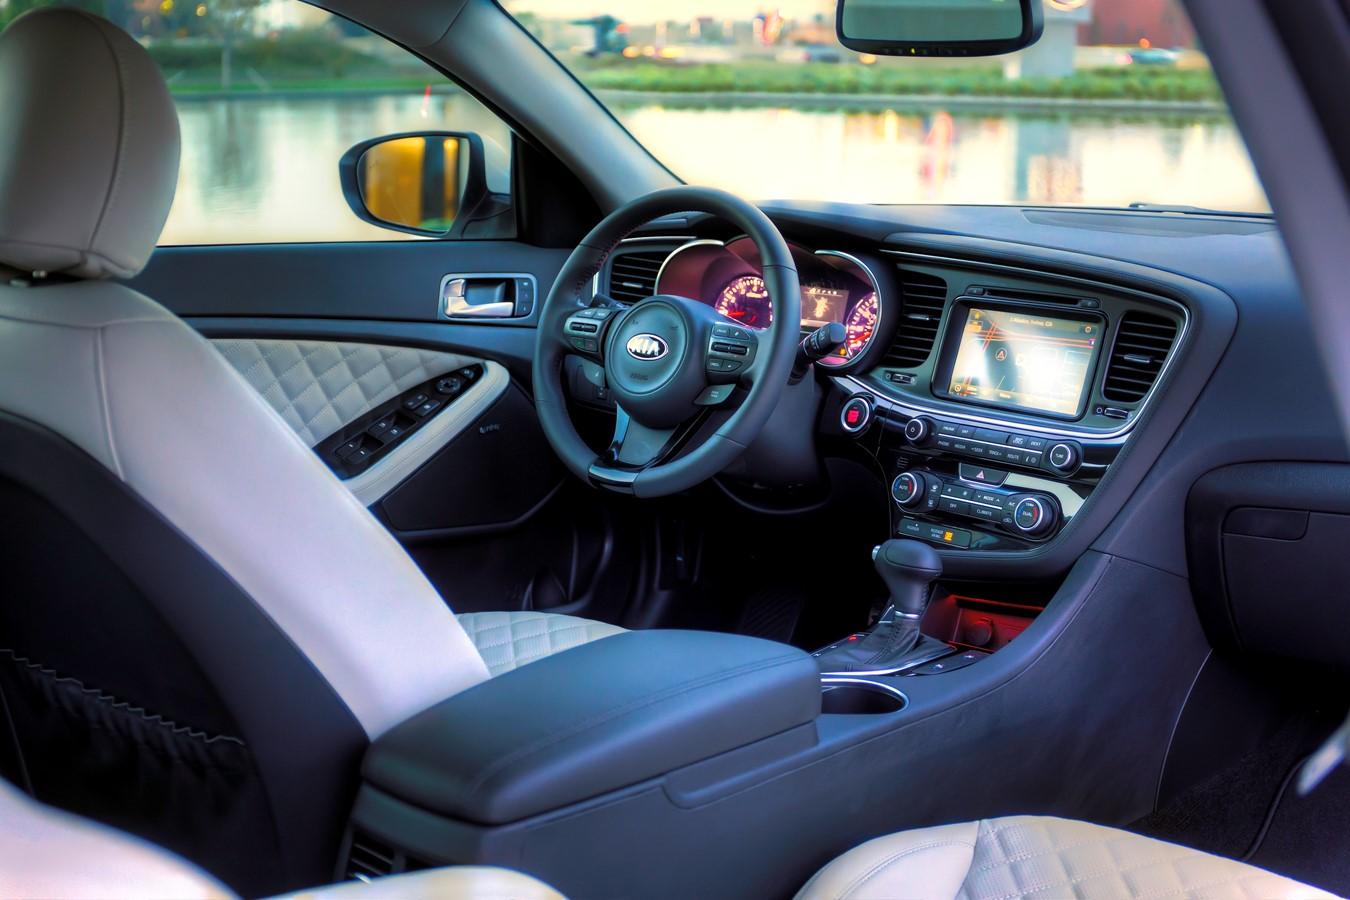 Steve Jones Chrysler >> 2014 Kia Optima vs 2014 Chrysler 200 Bowling Green, KY | Kia Luxury Mid-Size Sedans vs Chrysler ...